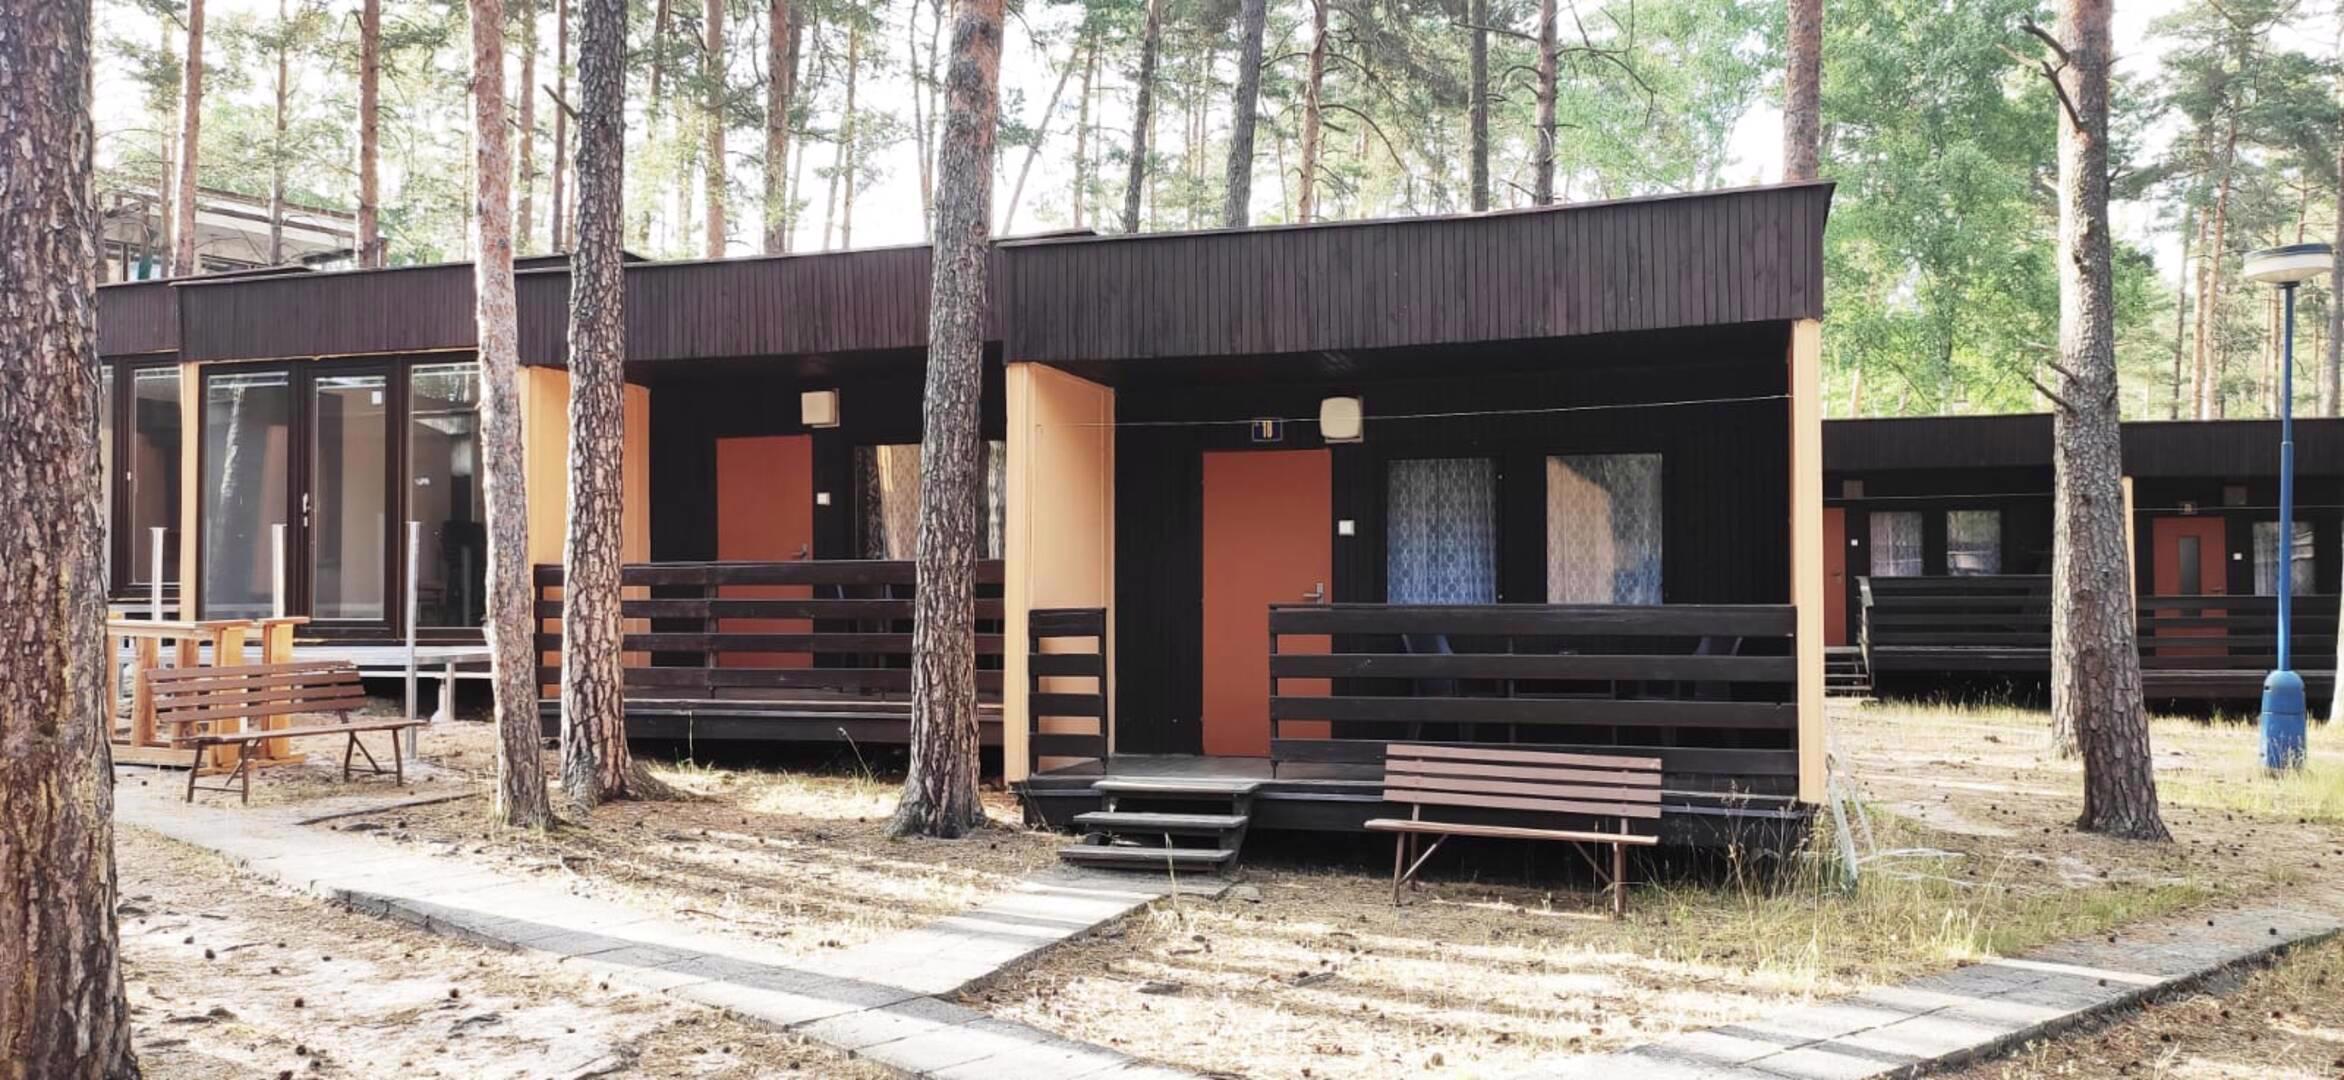 Ubytování v chatě s koupelnou, Máchovo jezero 2021 - foto 1